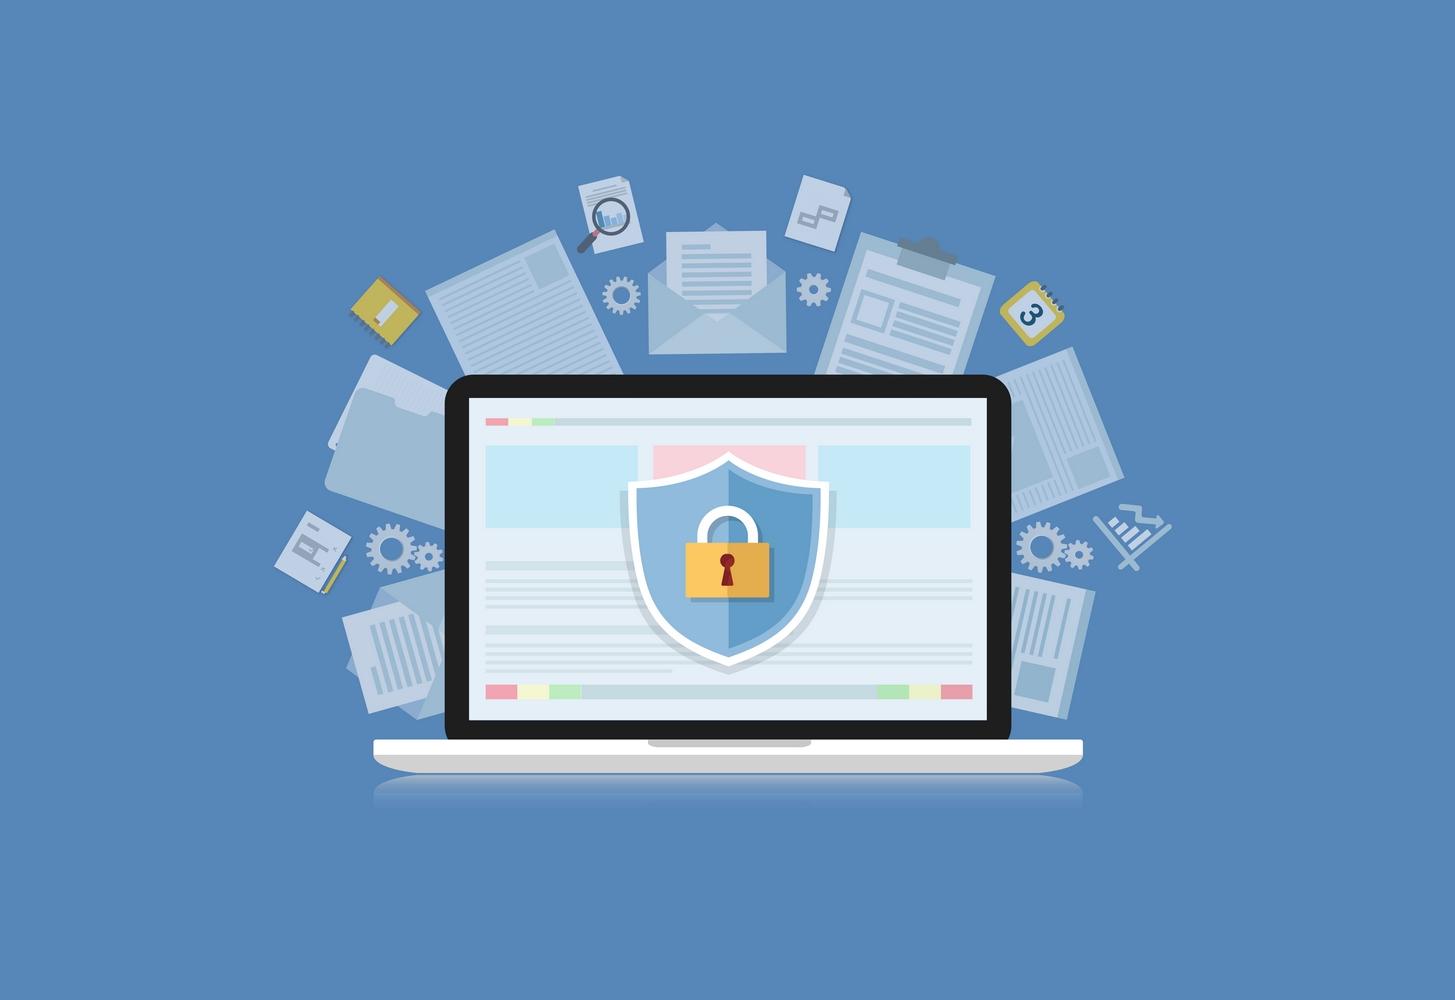 Millaisia riskejä otat tietoturvassa? Kaksi yrittäjää kertoo oman asenteensa